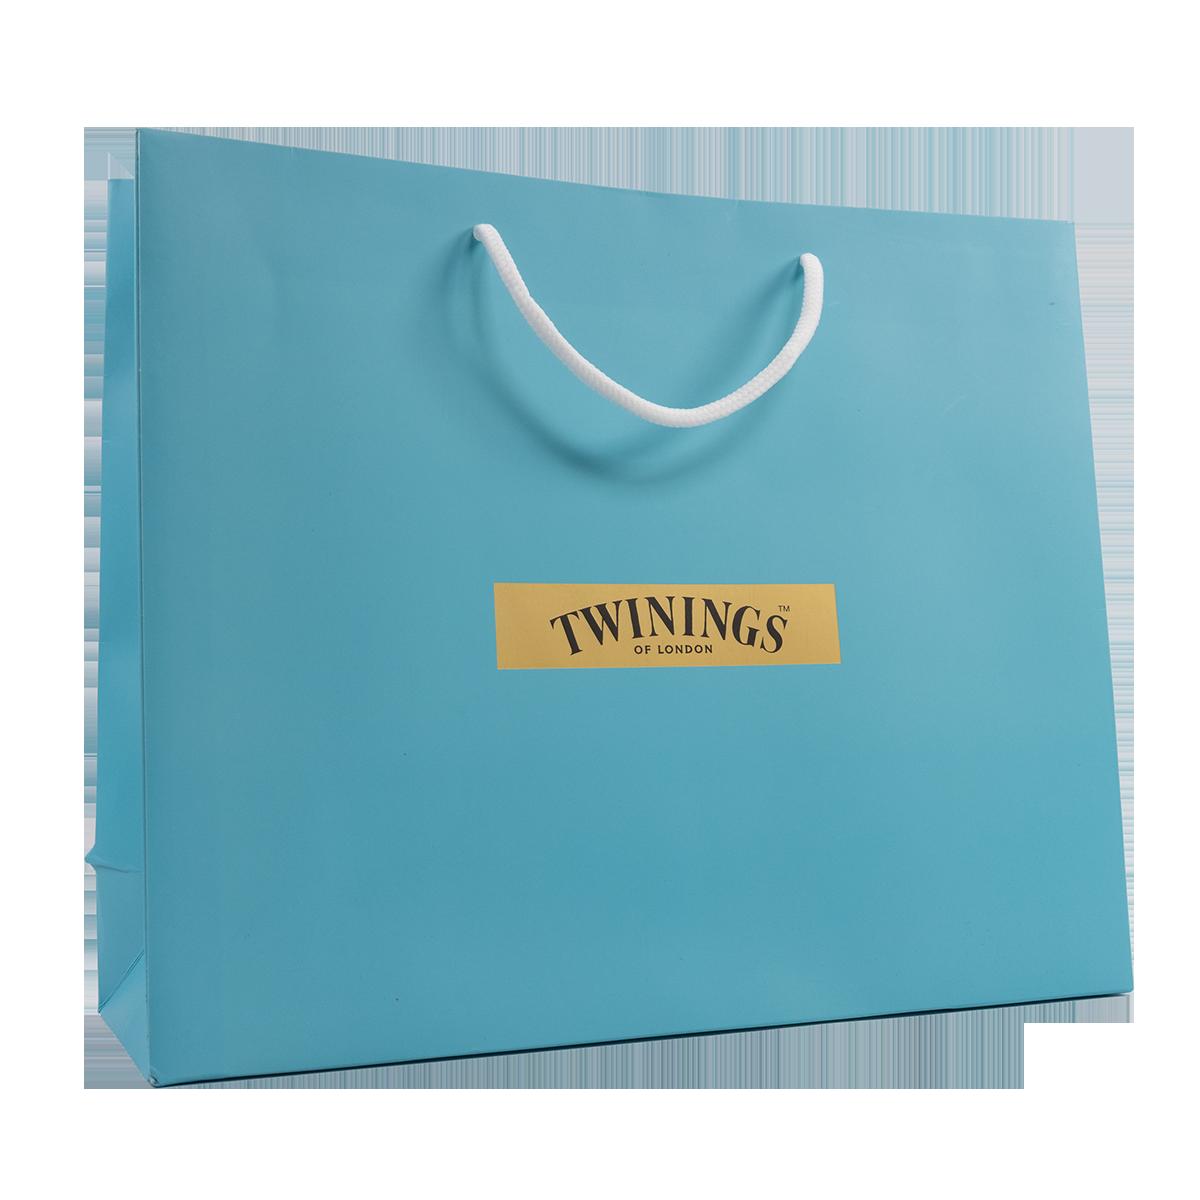 Twinings Papiertasche 1 Stk.